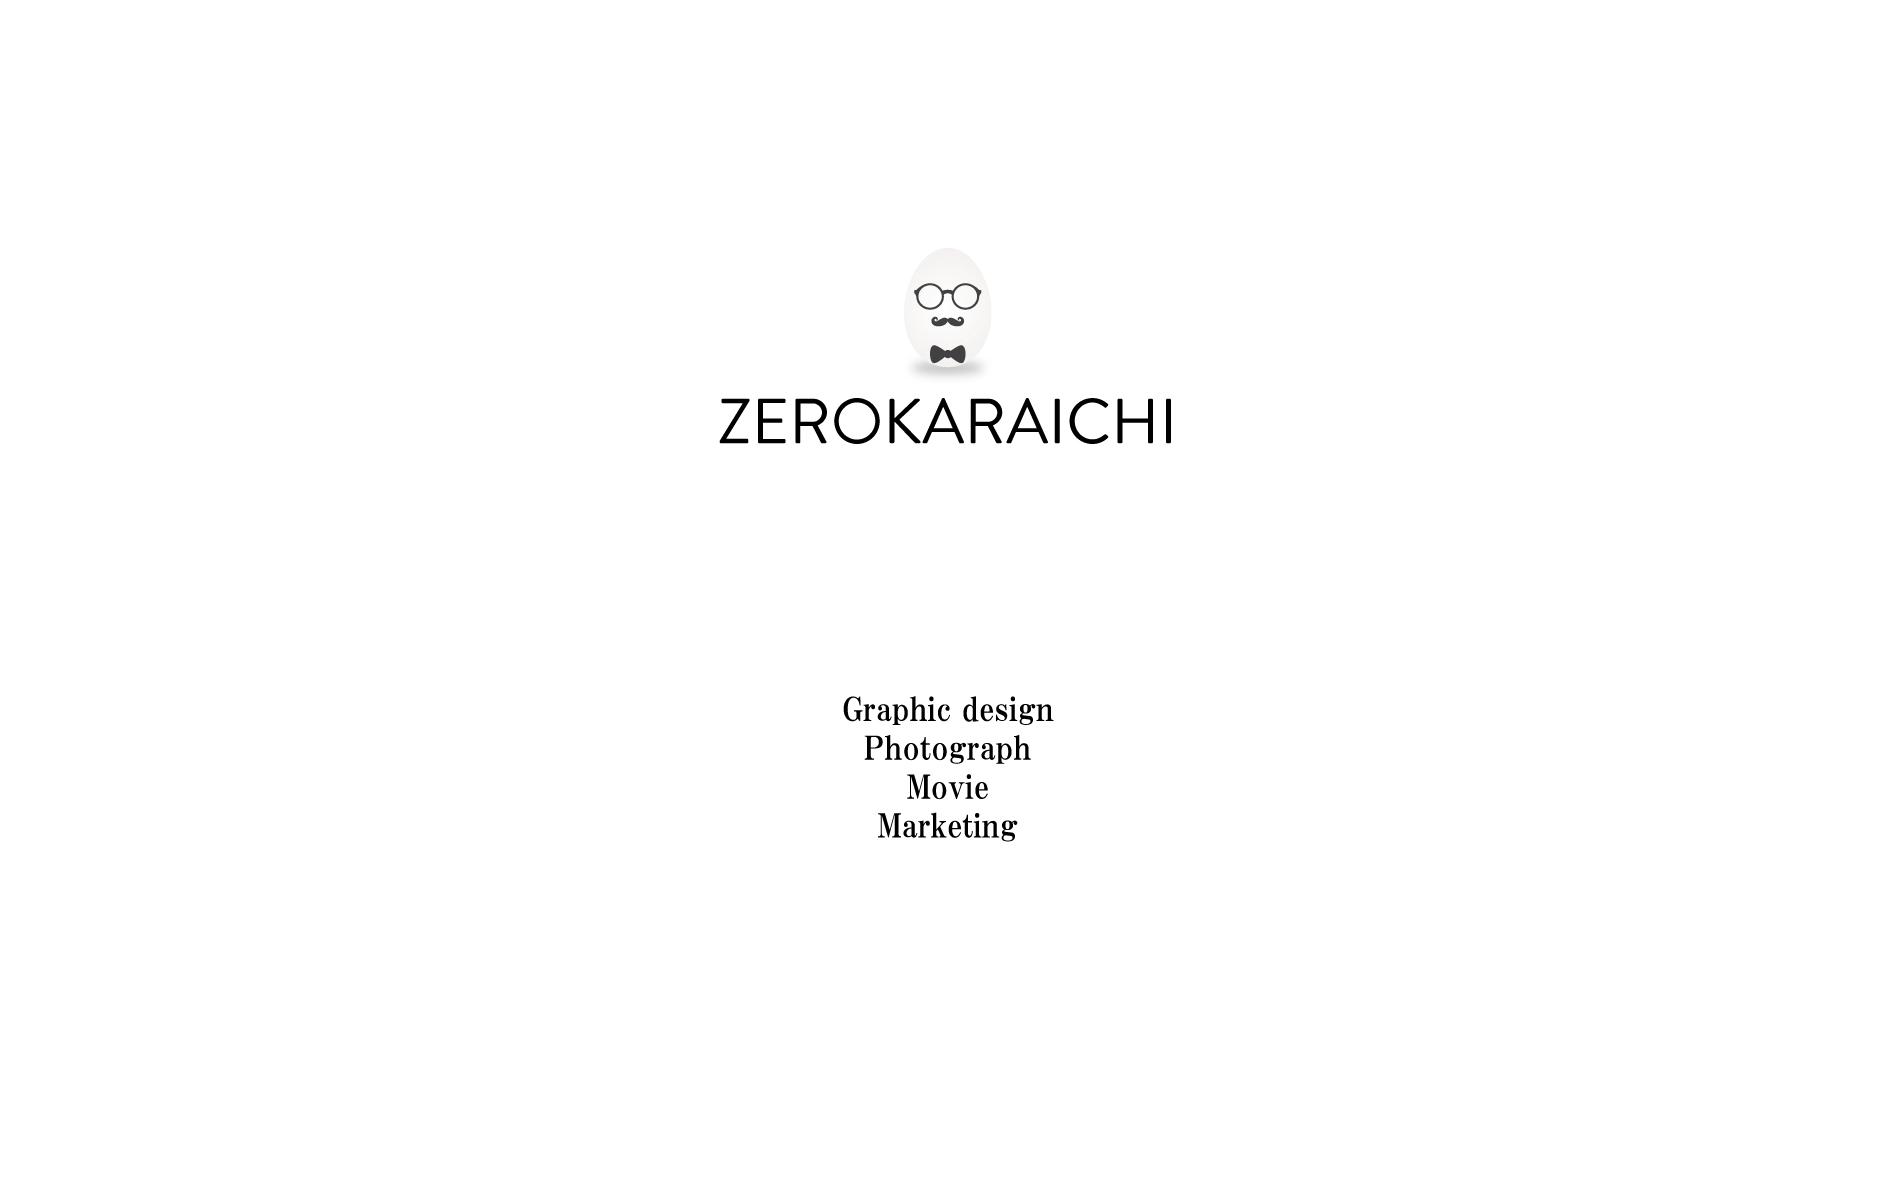 株式会社ゼロカライチ